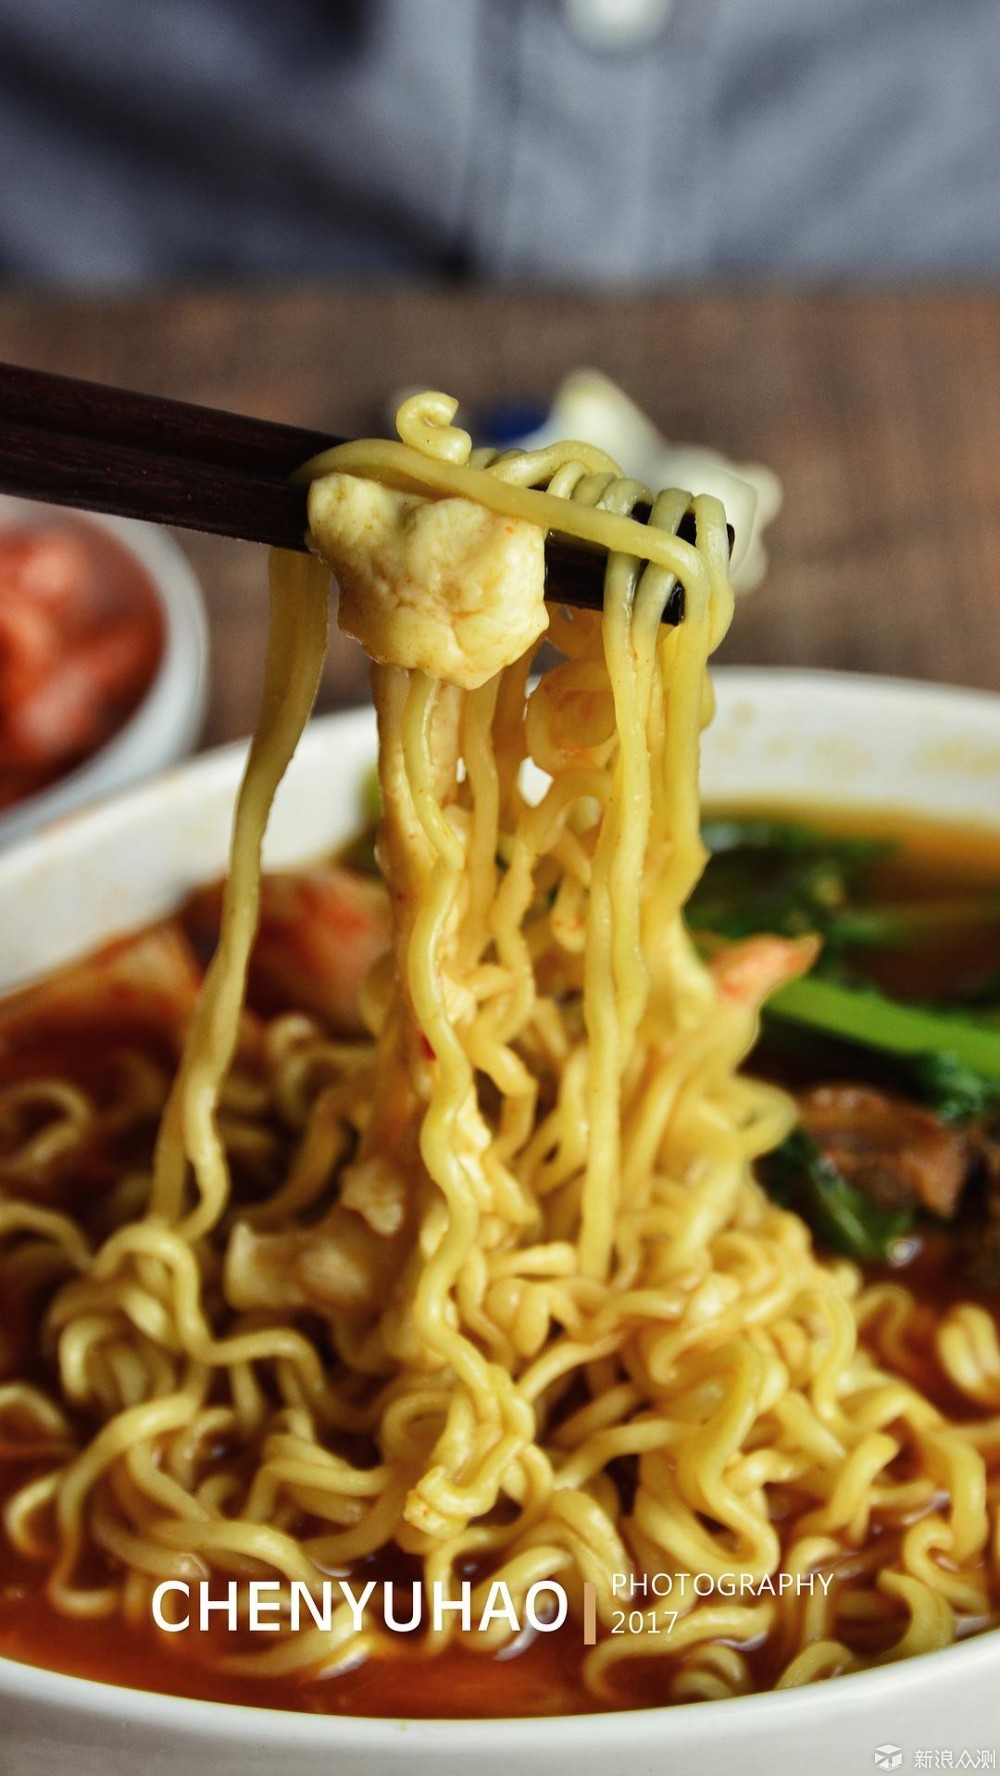 这份辣白菜脊骨土豆汤,绝对好吃!_新浪众测